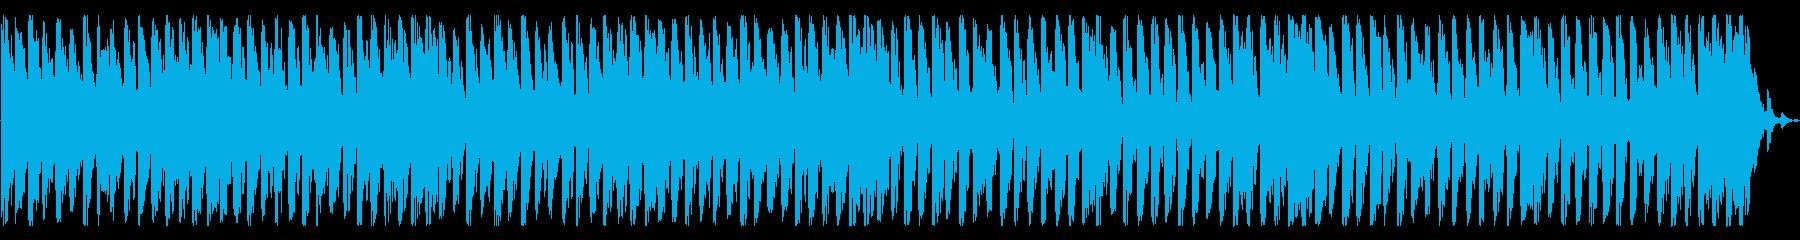 メロディックハウス/ダンス/グルー...の再生済みの波形